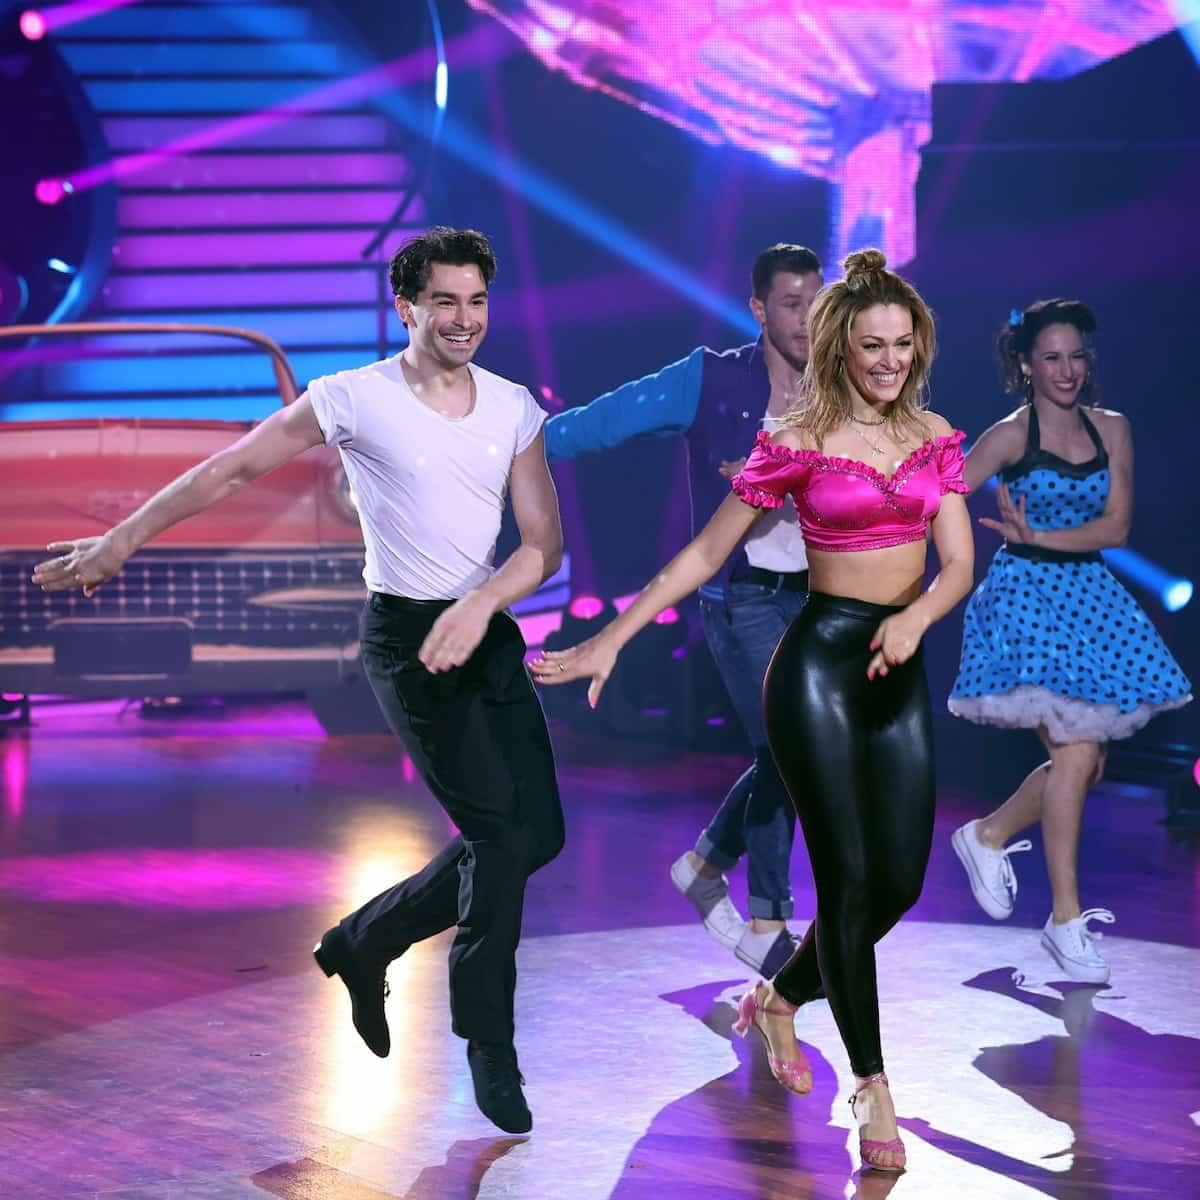 Andrzej Cibis - Victoria Kleinfelder-Cibis bei der Let's dance Profi-Challenge 2021